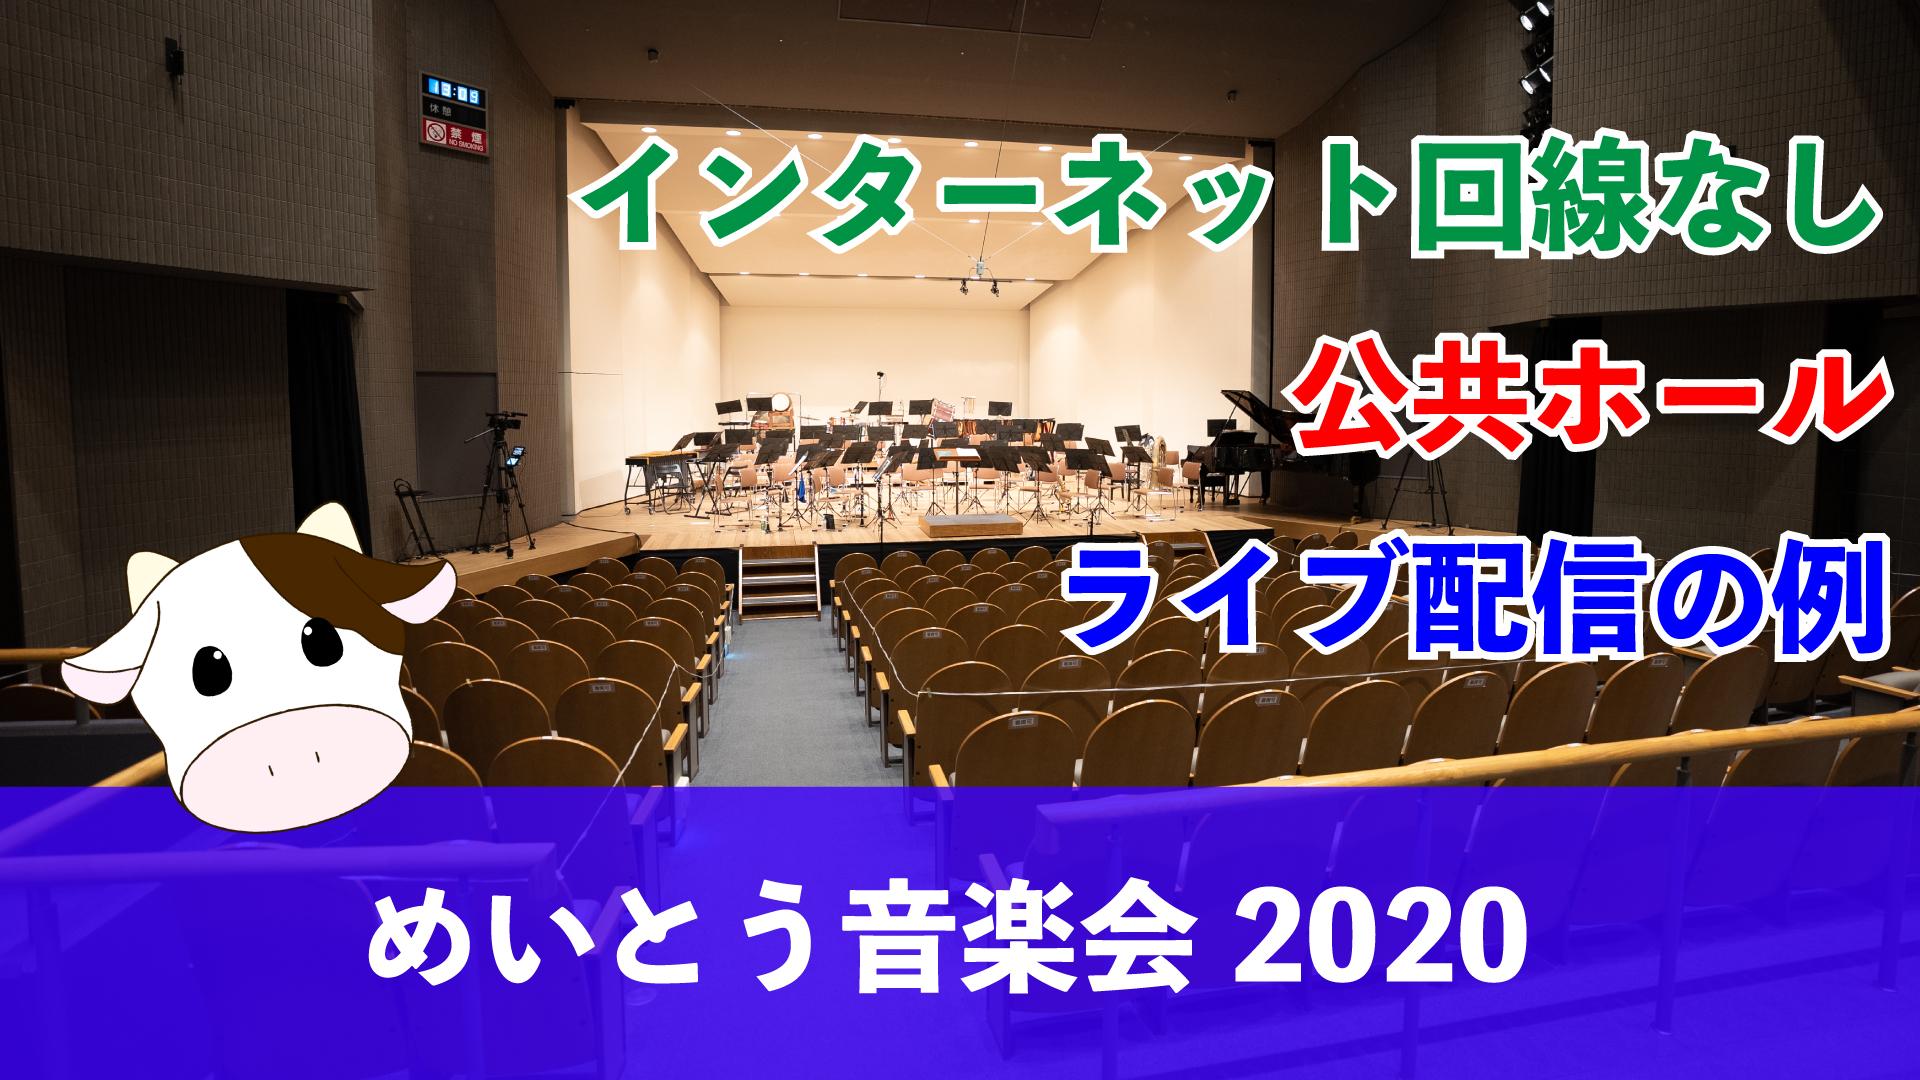 名東ウインドウオーケストラ|めいとう音楽会2020_アイキャッチ